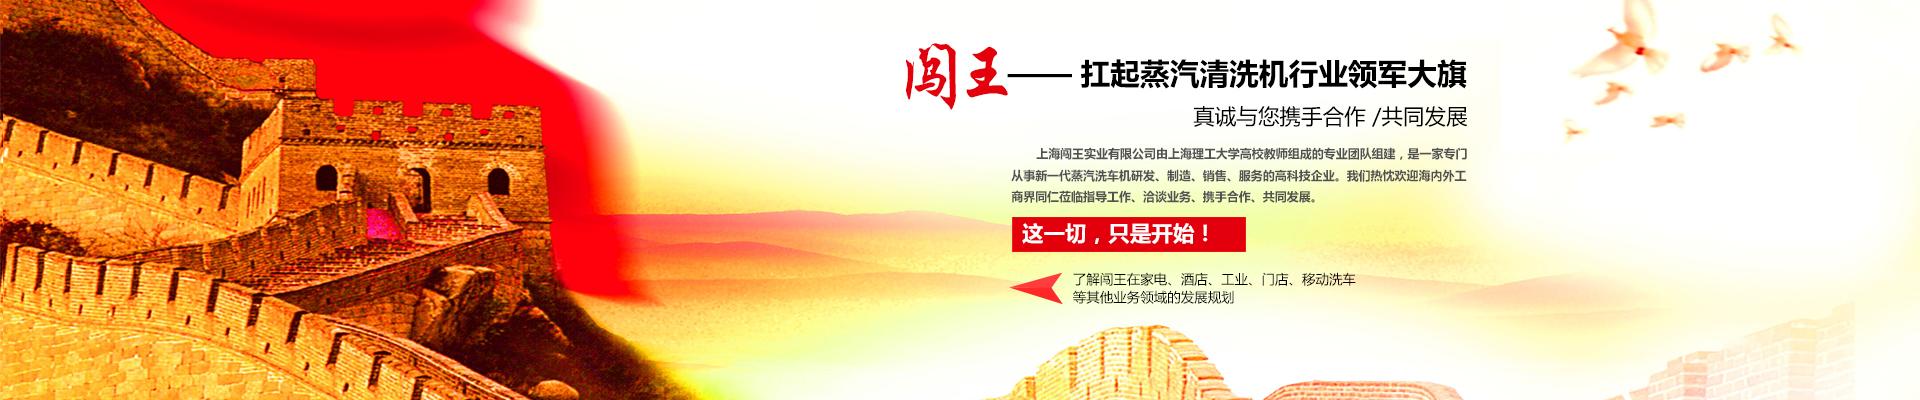 上海闯王实业有限公司